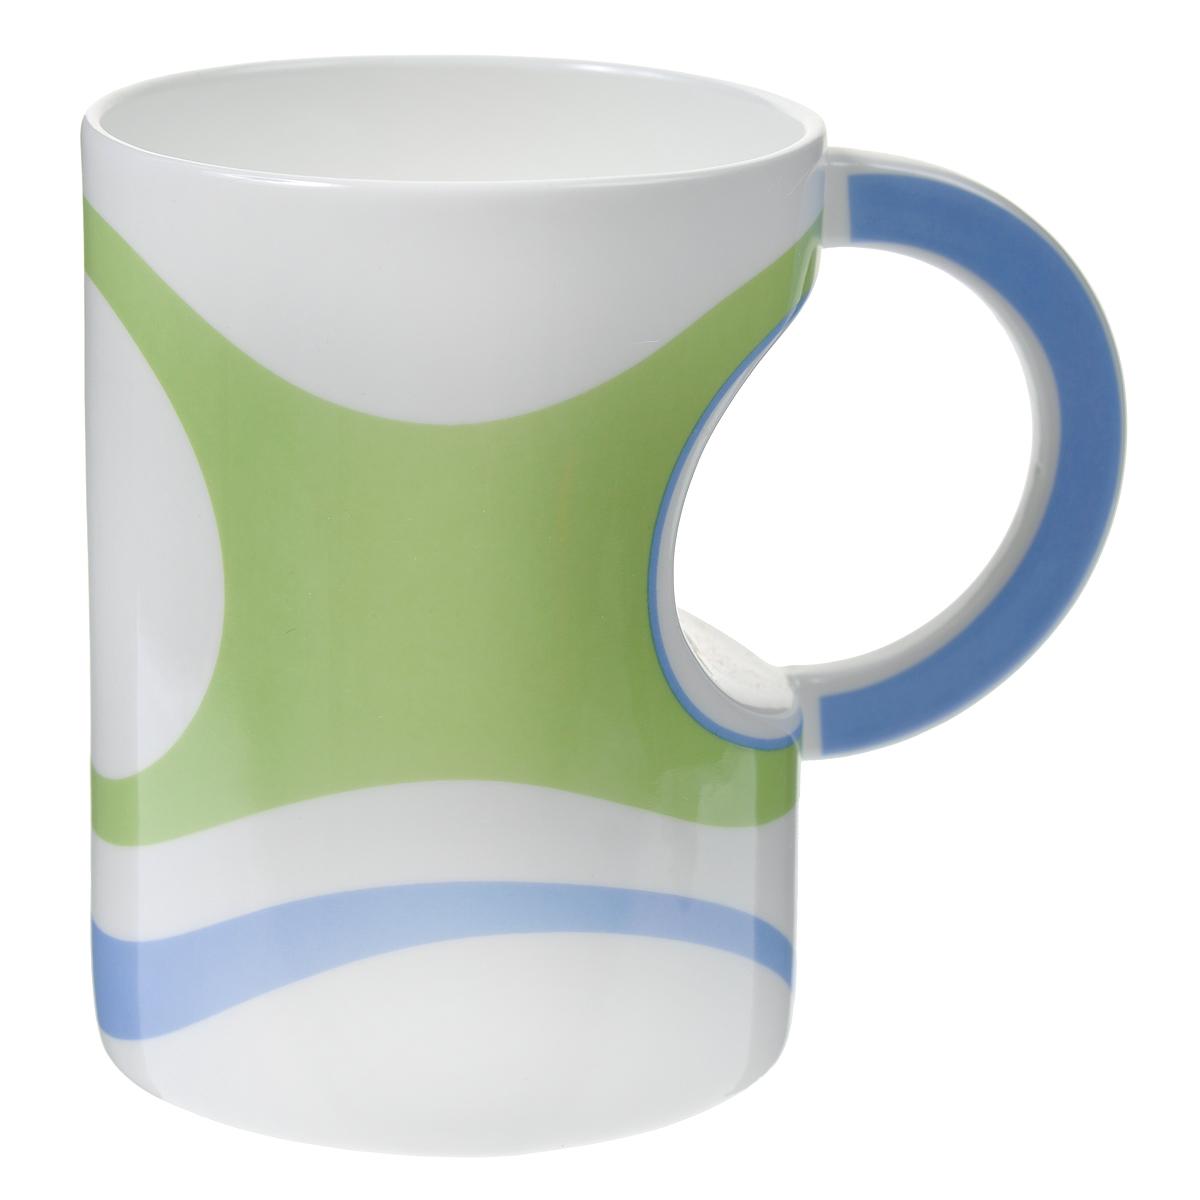 Кружка Карамба, цвет: зеленый, белый, голубой. 003405003405Стильная кружка Карамба необычной вогнутой формы с рисунком в виде полос выполнена из керамики.Такая кружка станет не только приятным, но и практичным сувениром. Характеристики:Материал:керамика. Высота кружки:11,5 см. Диаметр по верхнему краю: 8,5 см. Размер упаковки:11,5 см х 9,8 см х 12,5 см. Артикул: 003405.